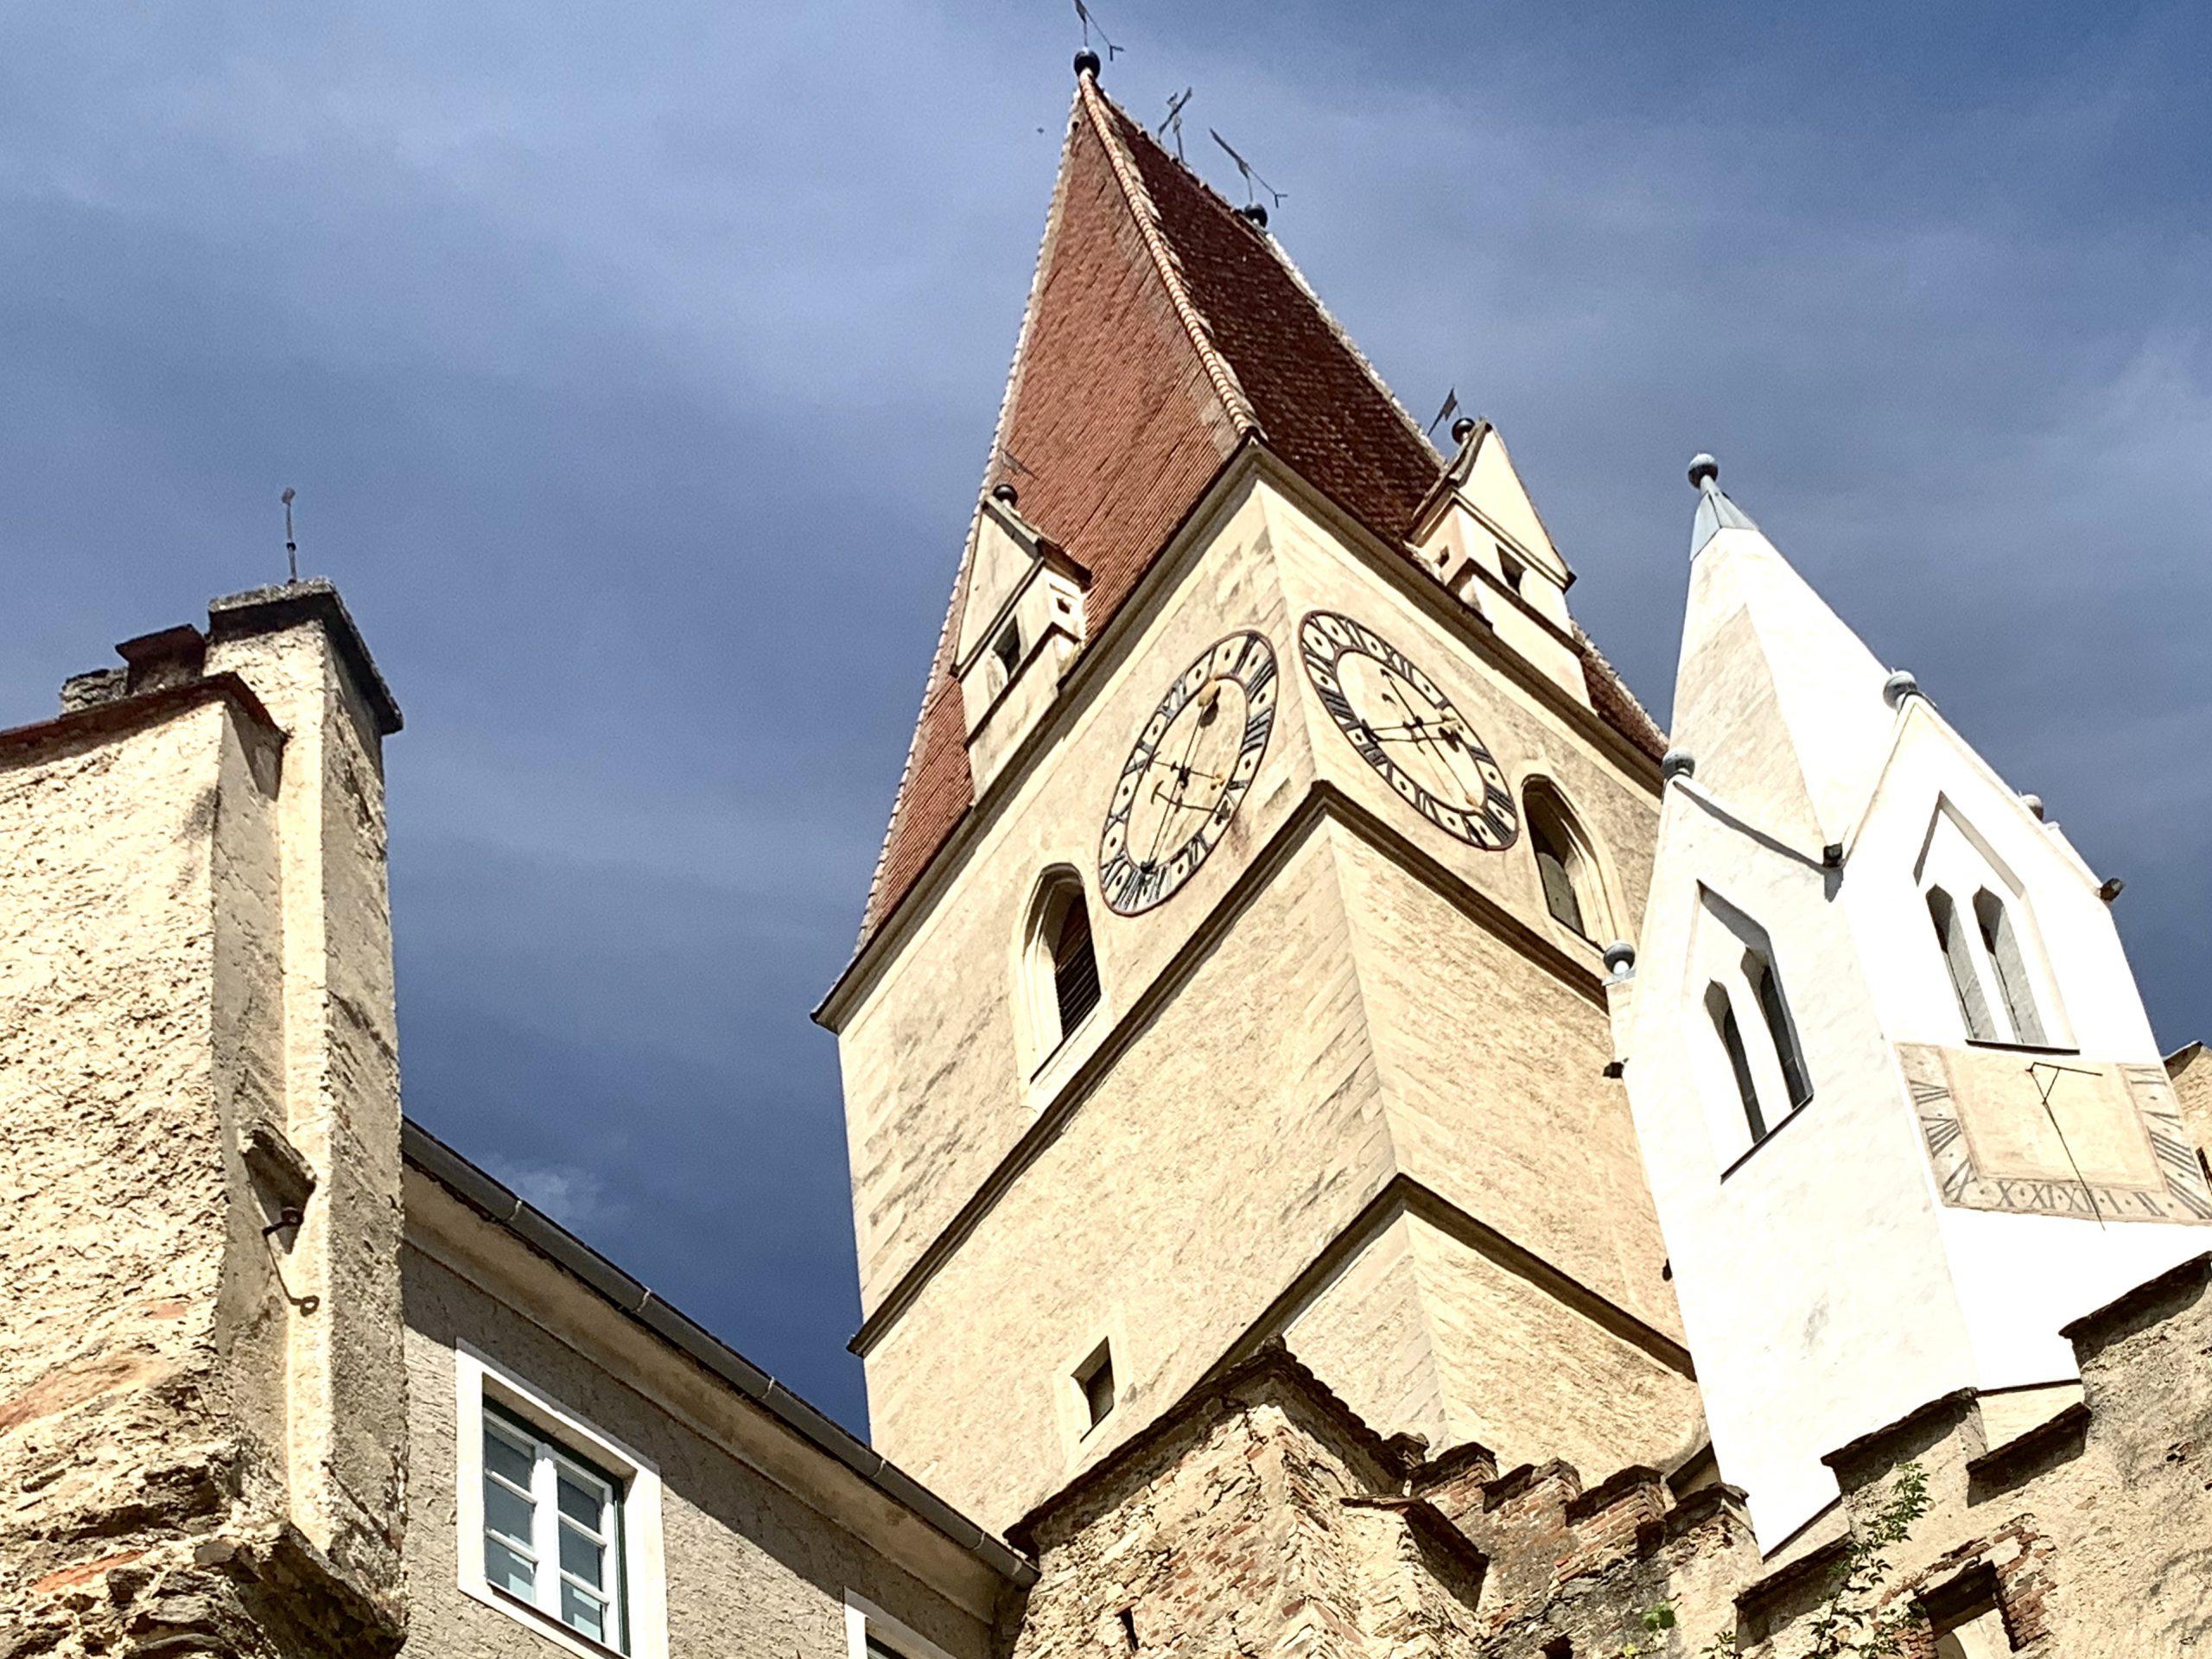 Türme der Pfarrkirche Weissenkirchen